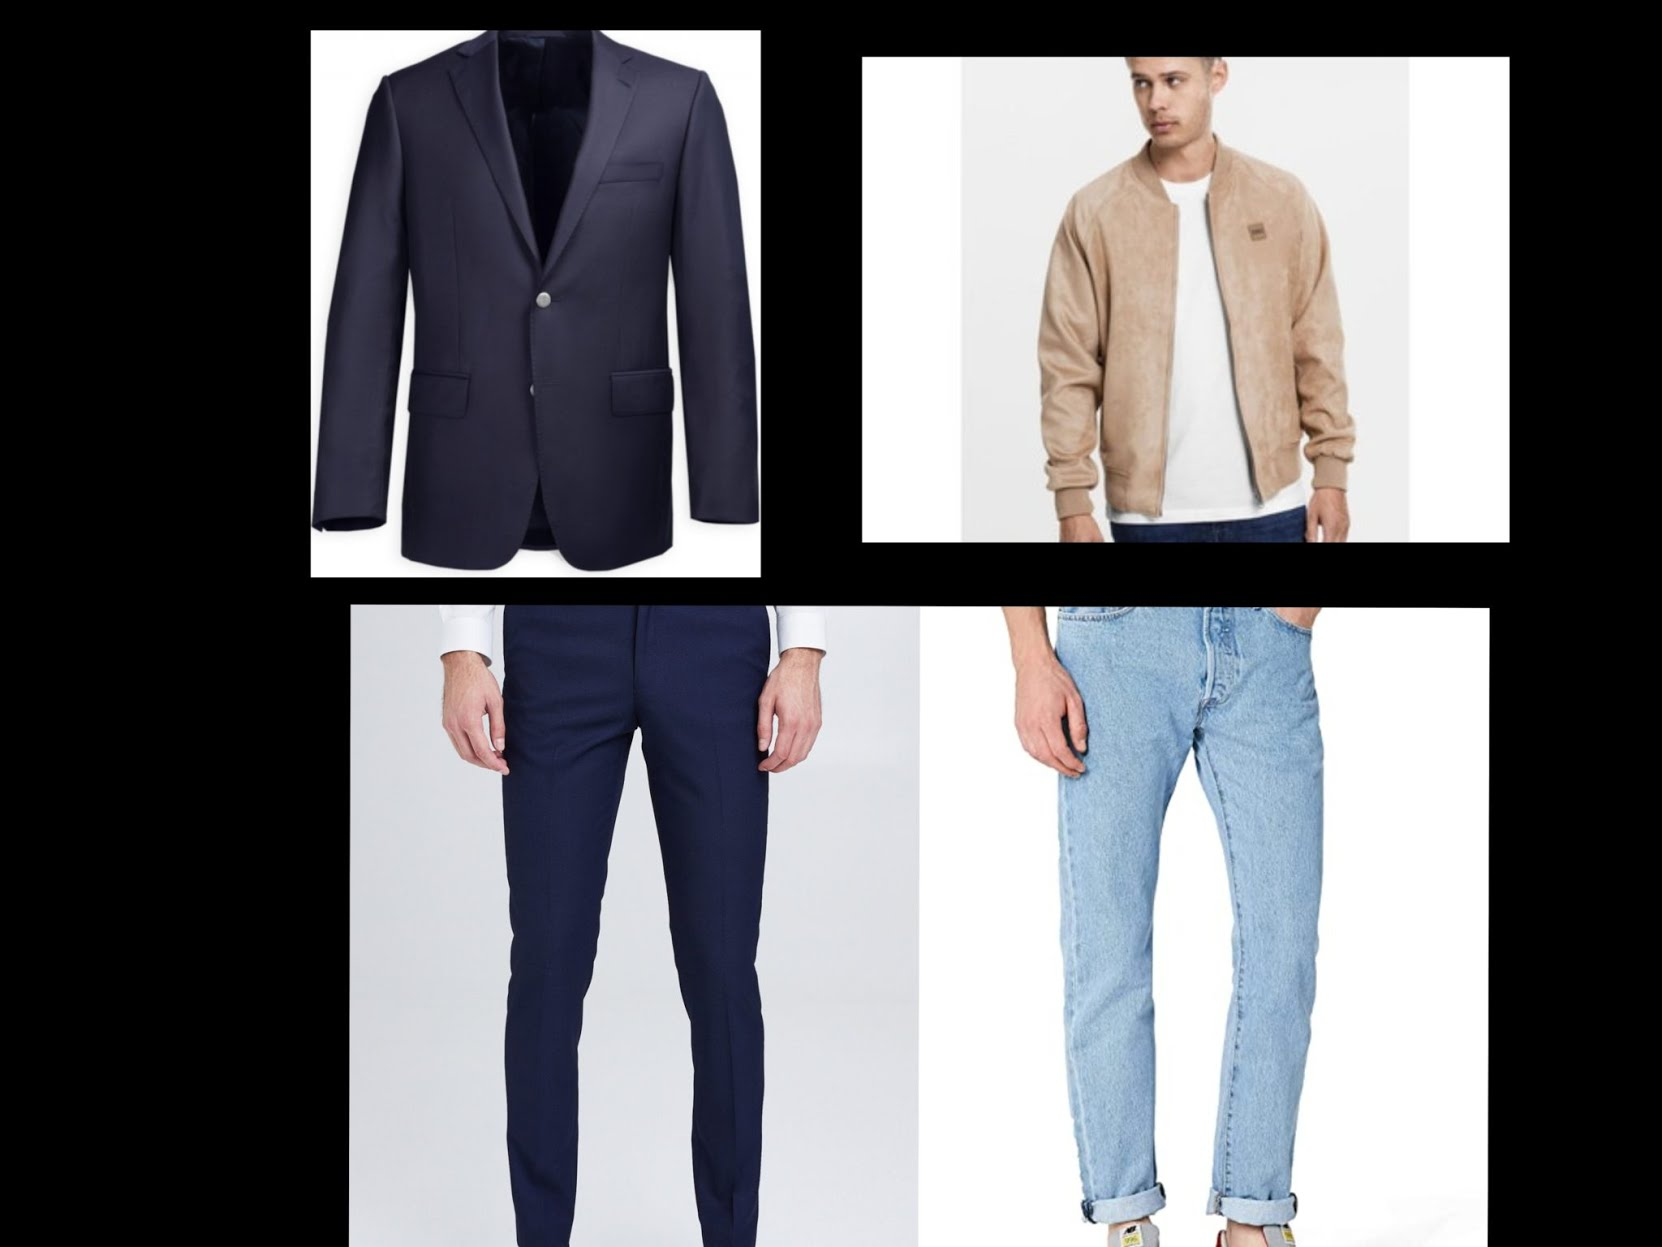 Entretien d'embauche, quelle tenue choisir ? Une veste et un pantalon assortis pour un air décontracté et pro